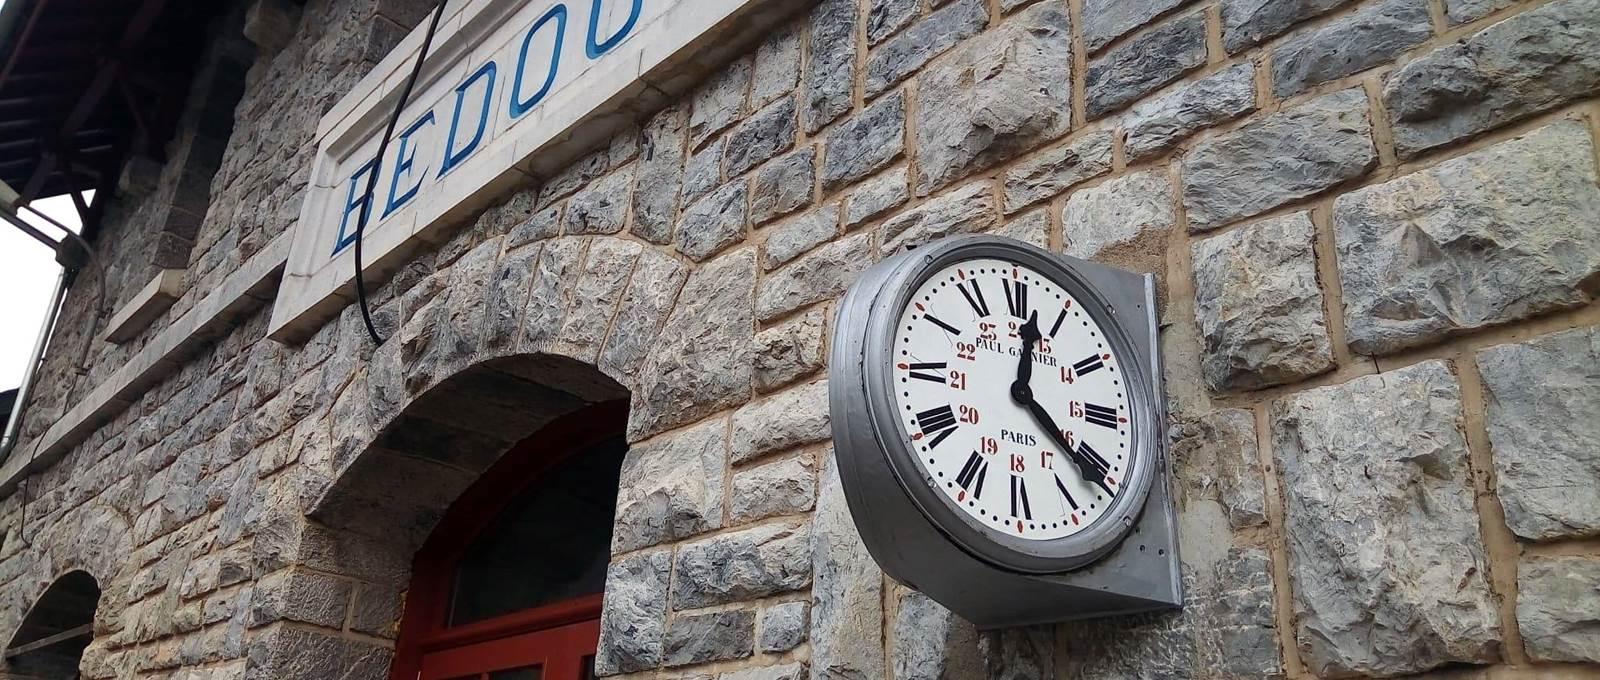 Horloge Paul Garnier - Transhumance & cie